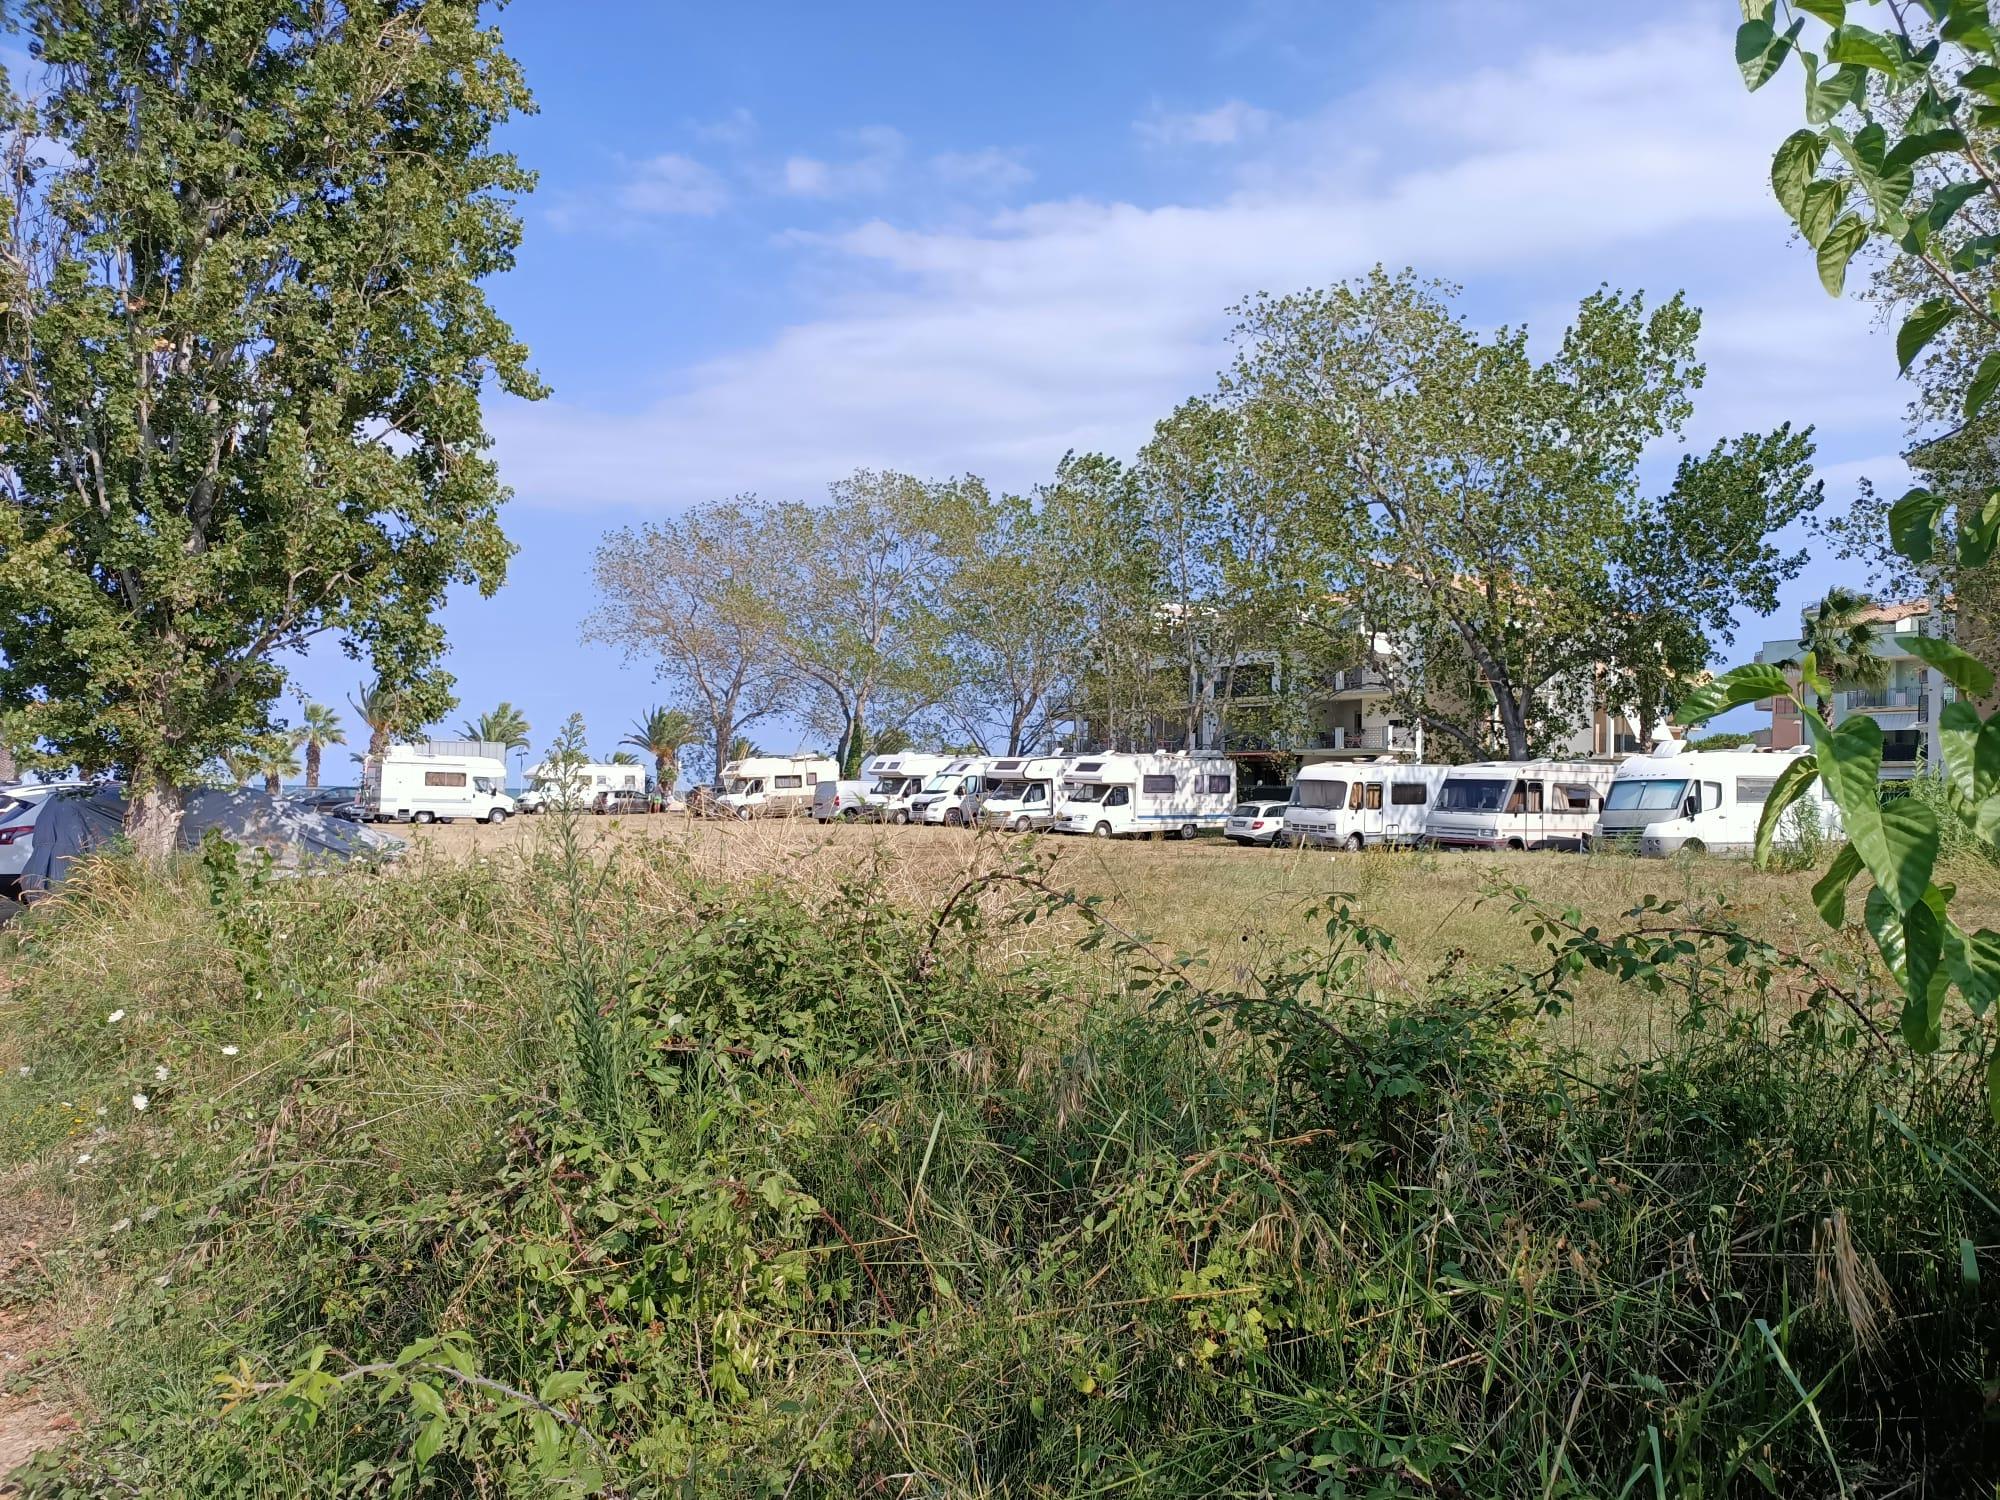 Tortoreto, area camper non c'è, ma la sosta avviene in zone non adatte. La polemica